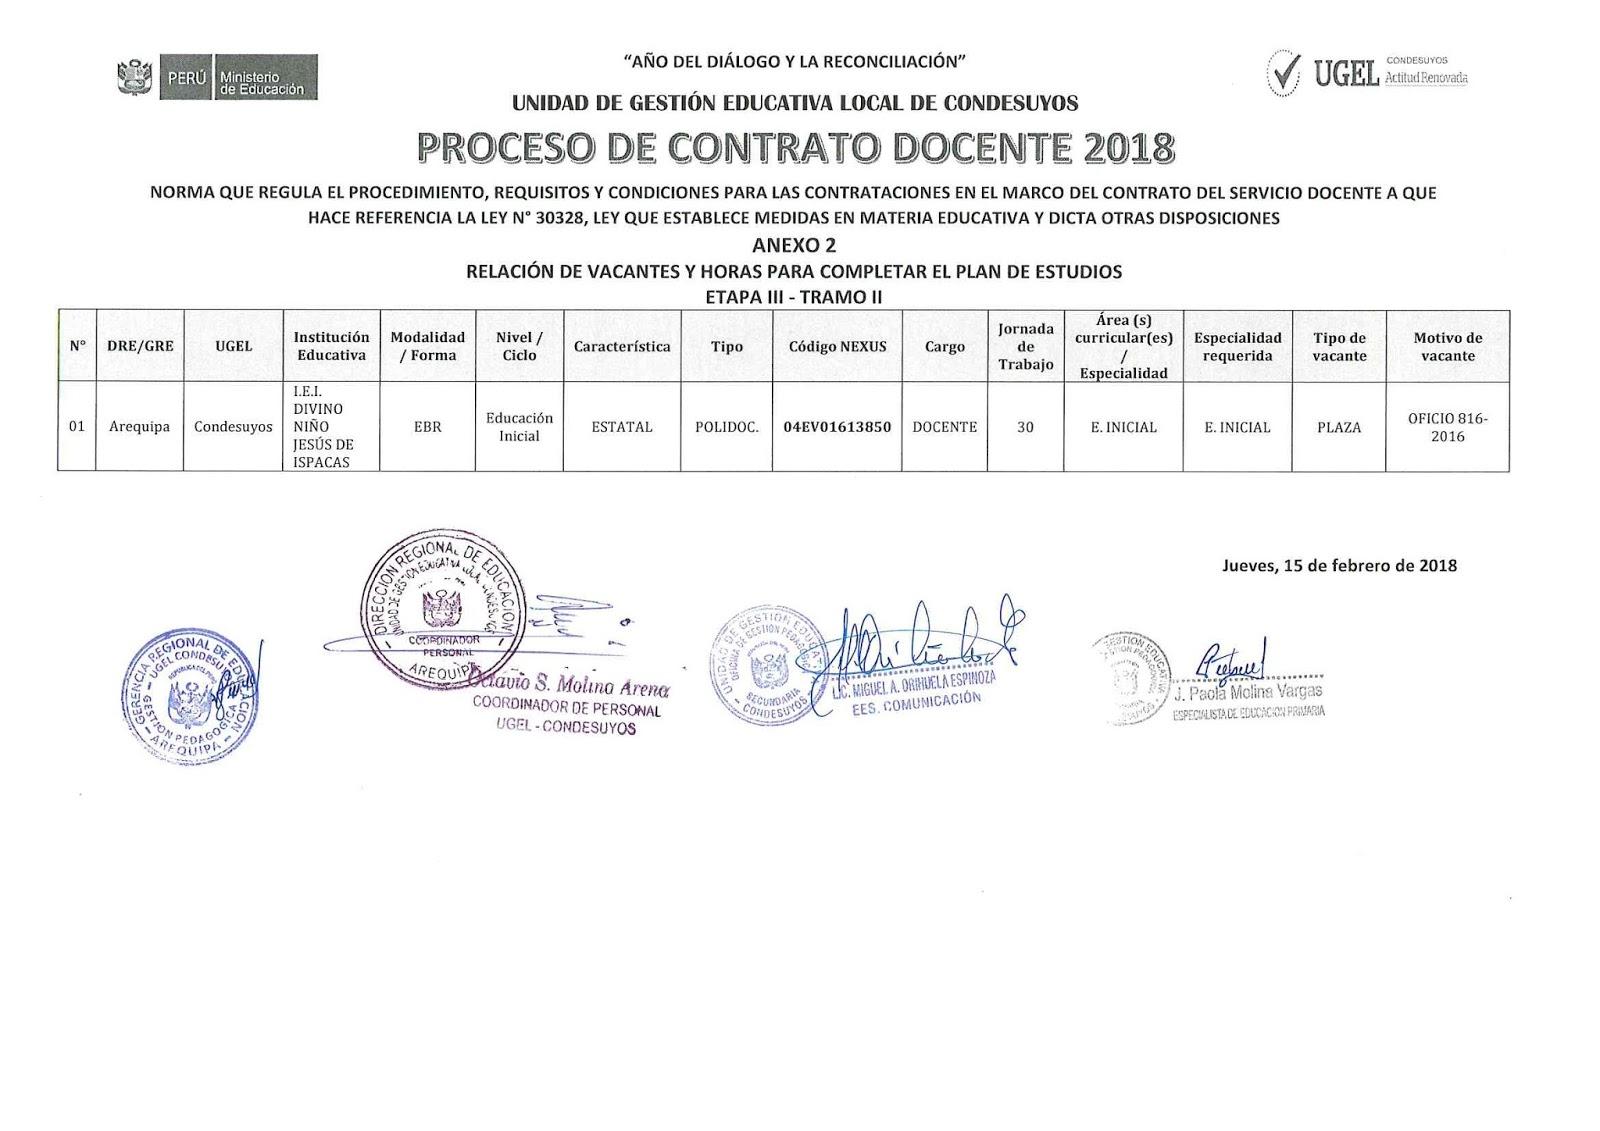 Ugel condesuyos relaci n de plazas vacantes etapa iii for Plazas vacantes concurso docente 2016